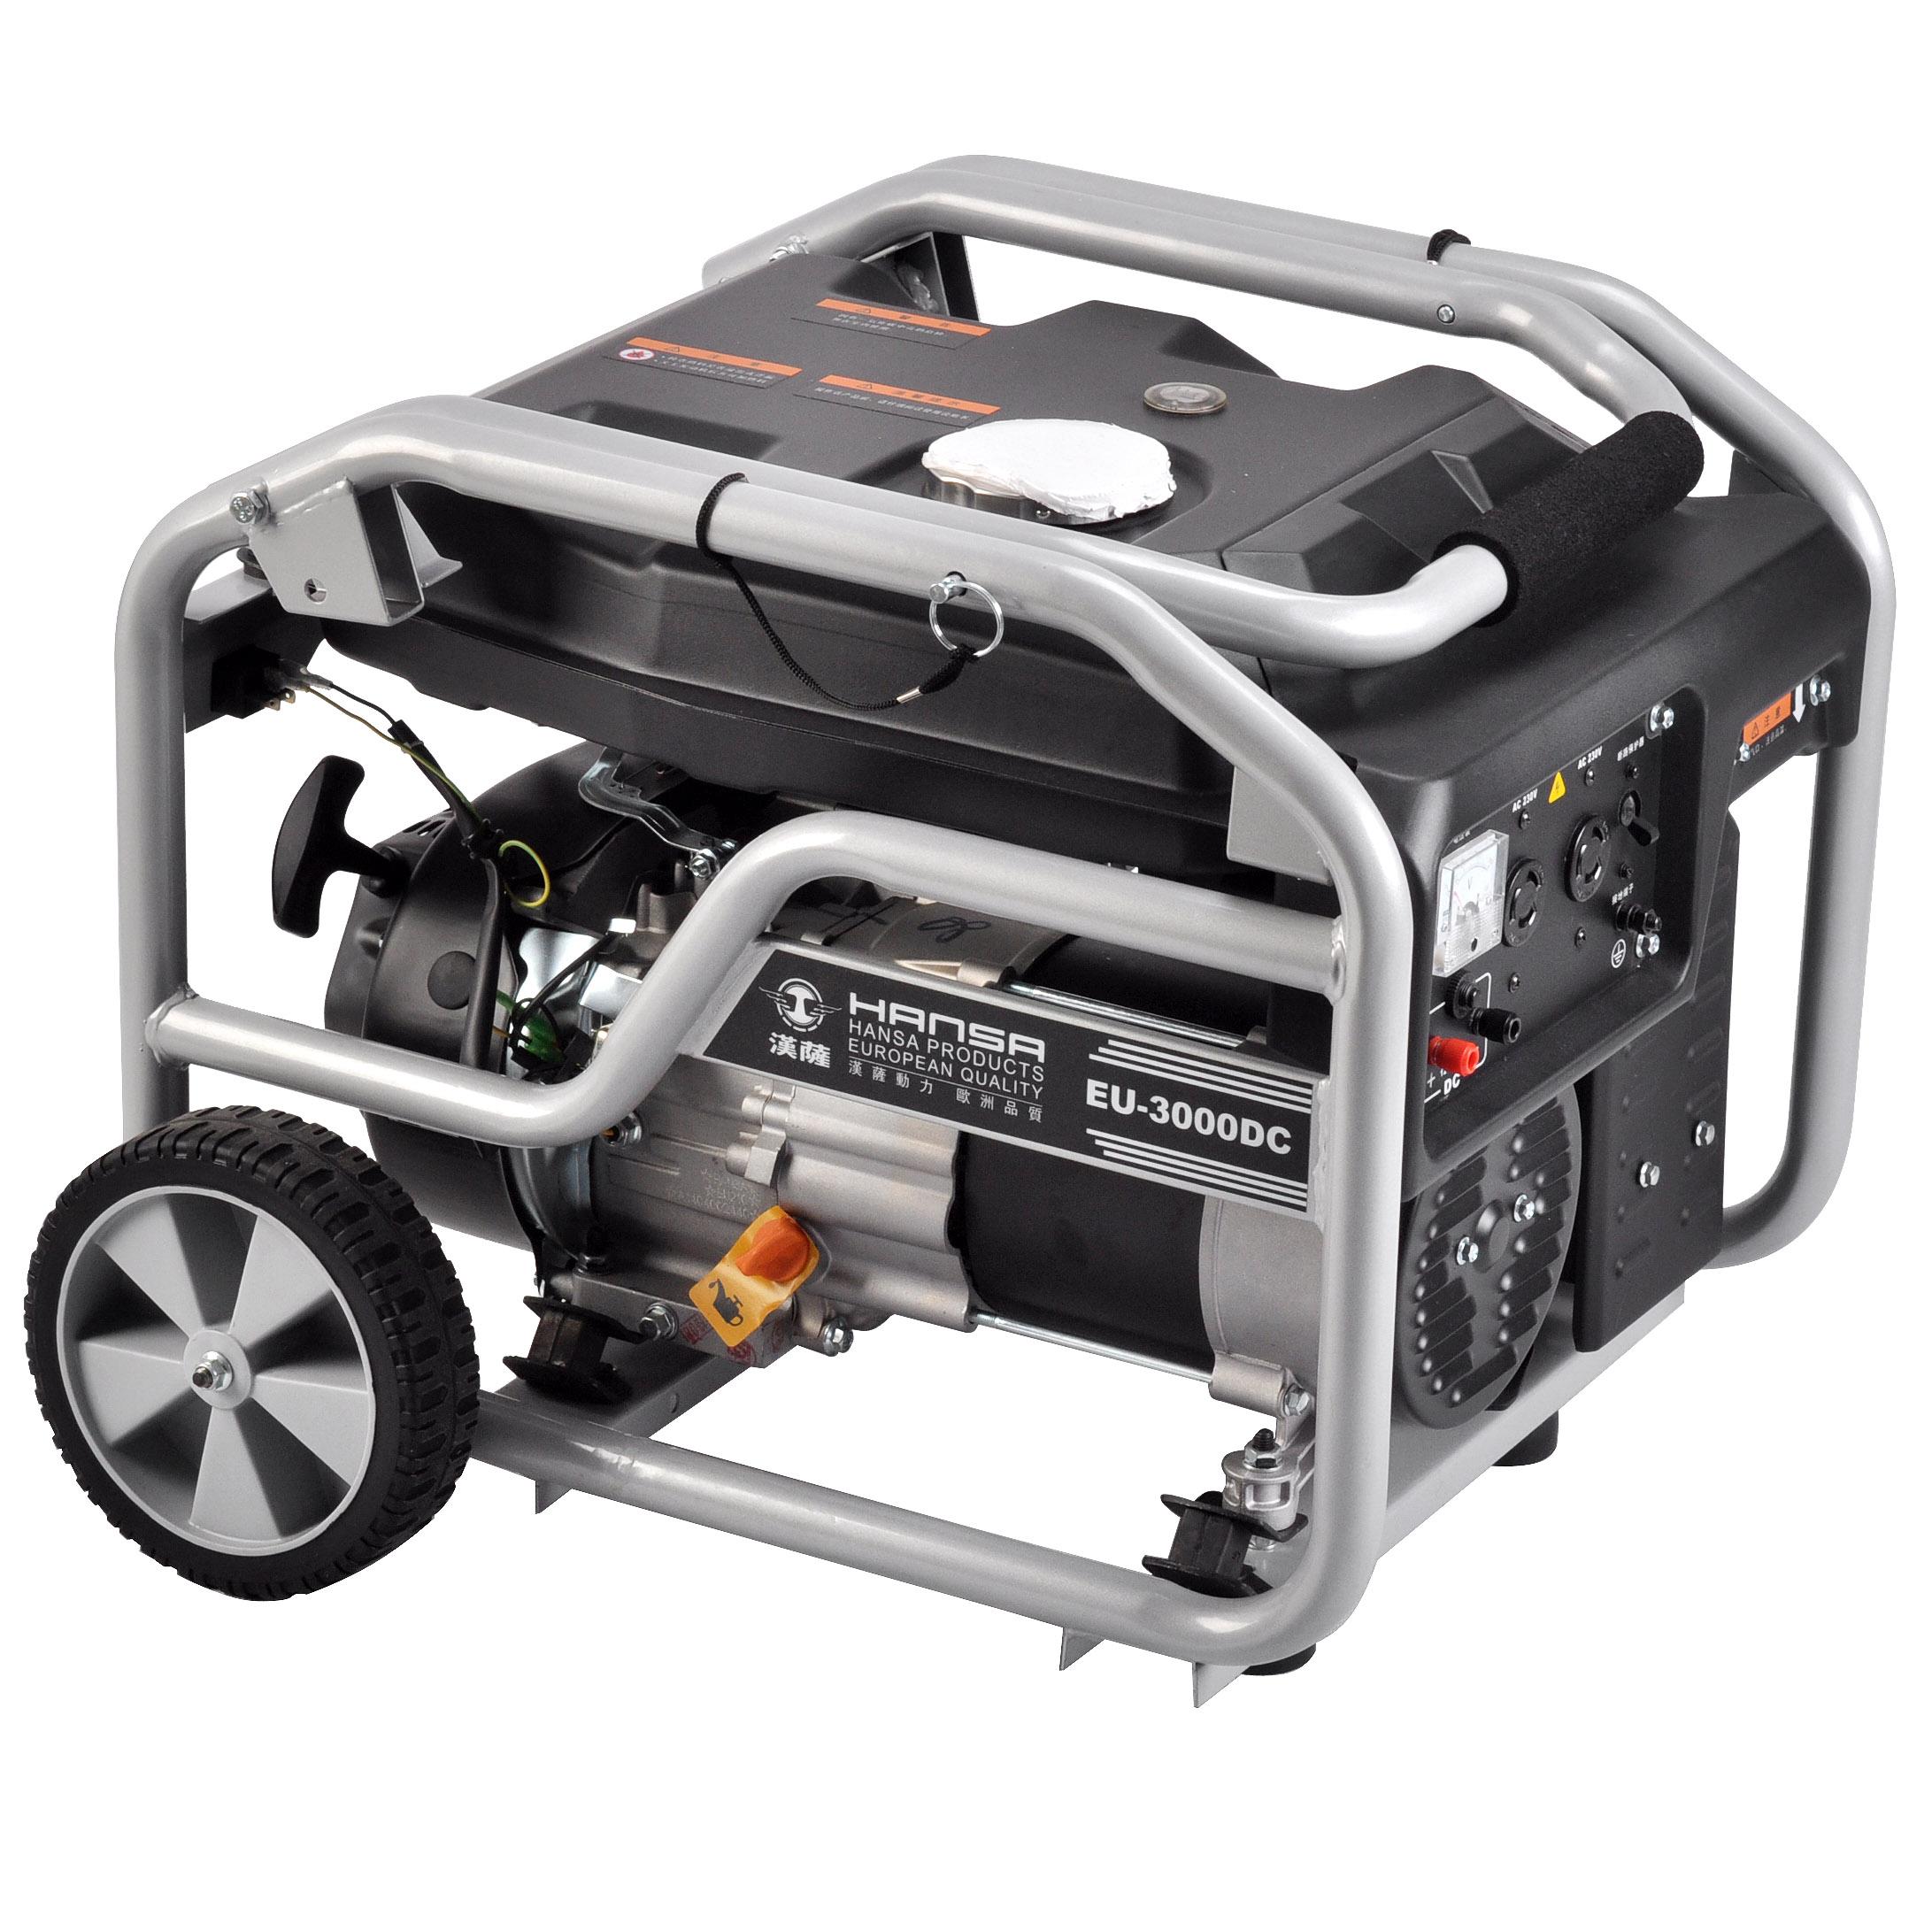 3KW小型家用汽油发电机——EU-3000DC